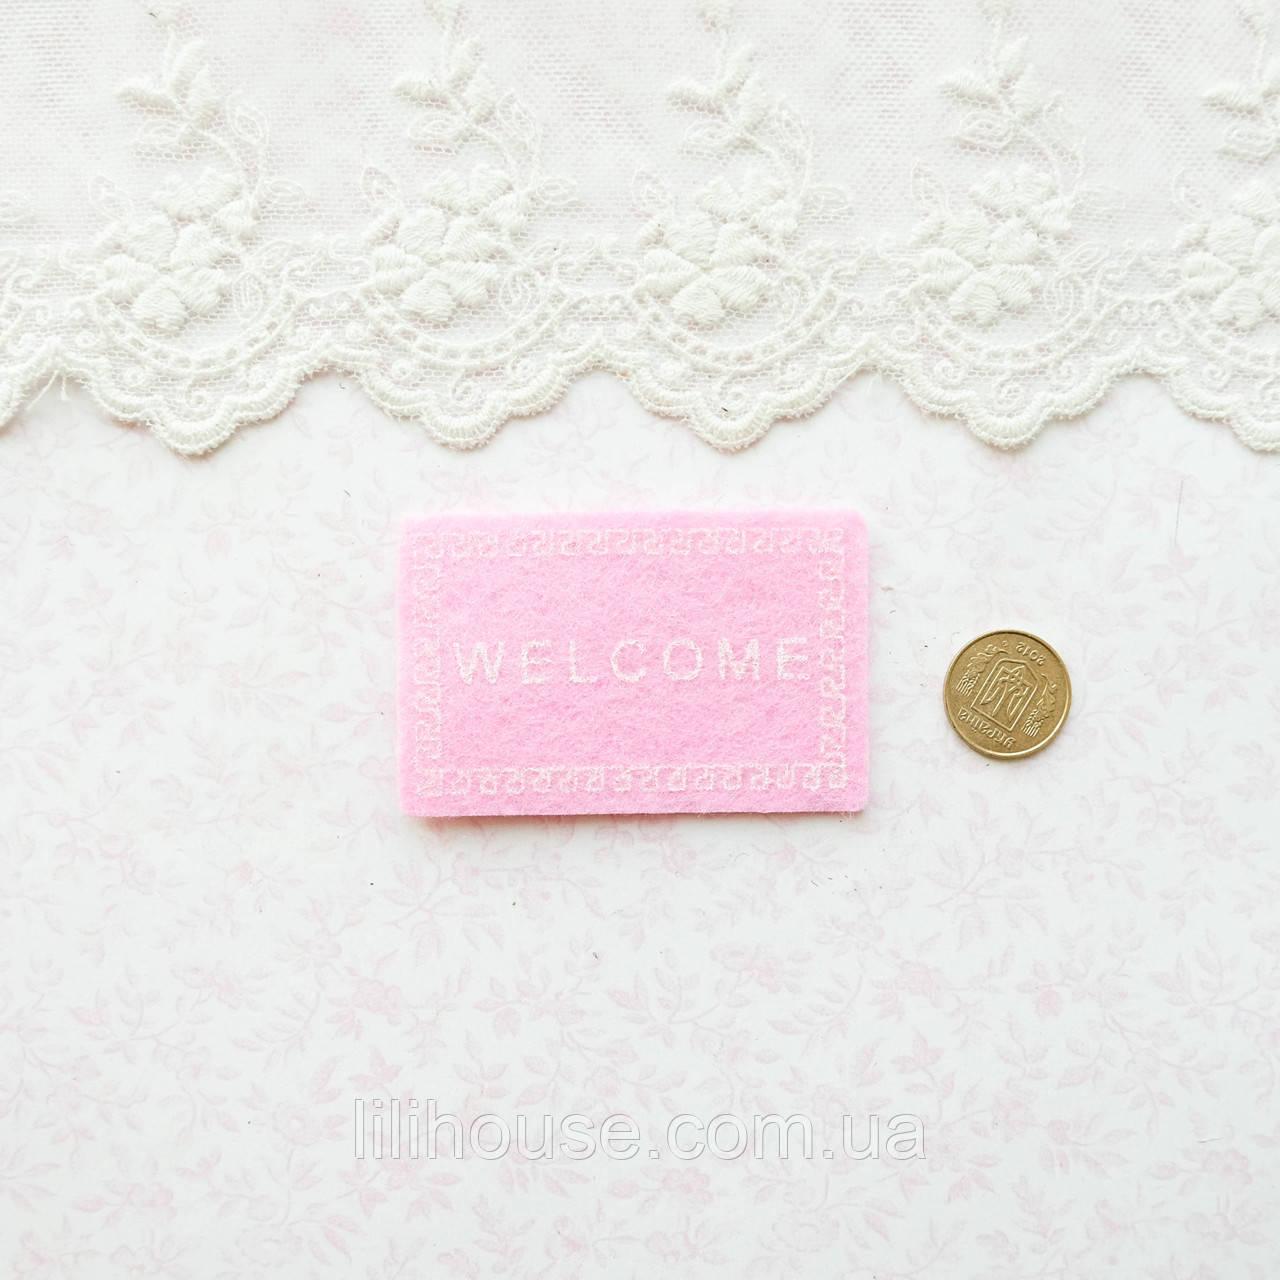 1:12 Миниатюра Коврик Welcome 5.8*3.8 см РОЗОВЫЙ